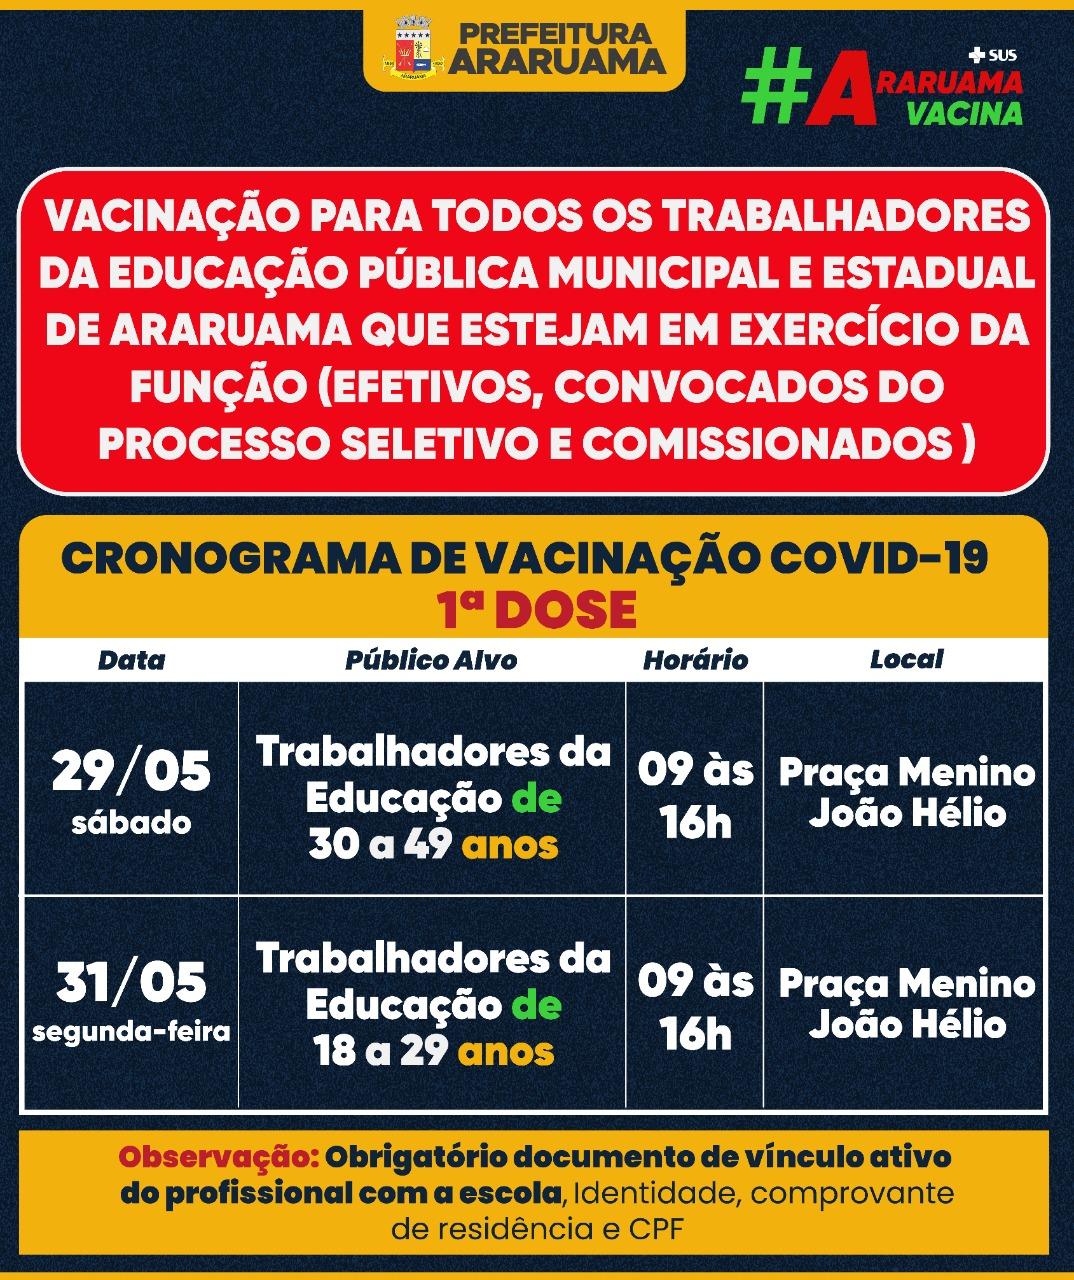 Calendário de vacinação para todos os profissionais da Educação das Redes Municipal e Estadual que estão no exercício da função